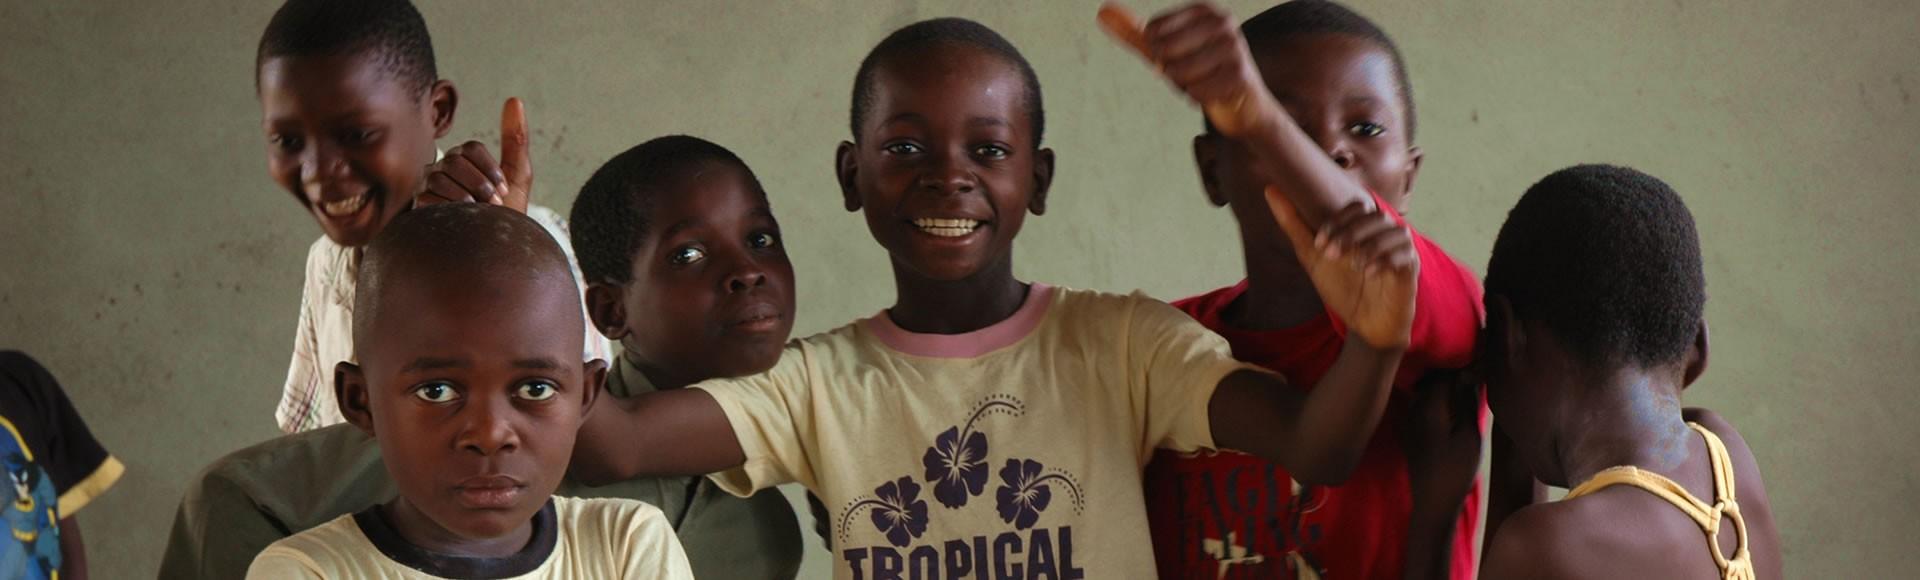 Bouwen aan weeshuizen in Congo